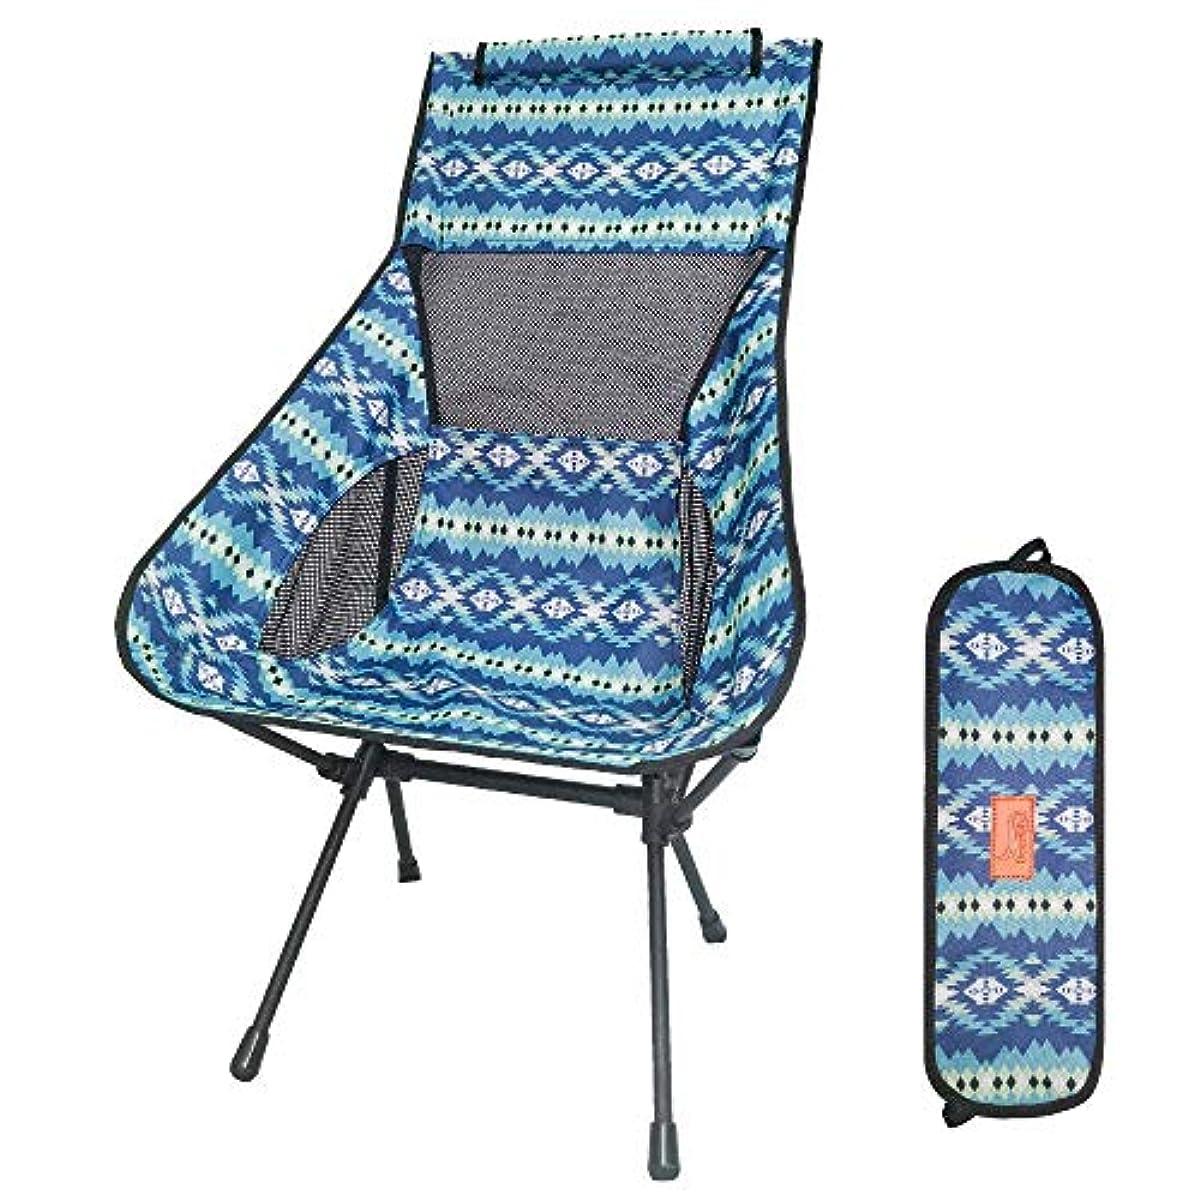 [해외] DESERTFOX 아웃도어 체어 접이식 초경량【하이 화이트】【내하중150KG】콤팩트 의자 의자 수납 대부속 낚시 등산 휴대 편리 캠프 의자008